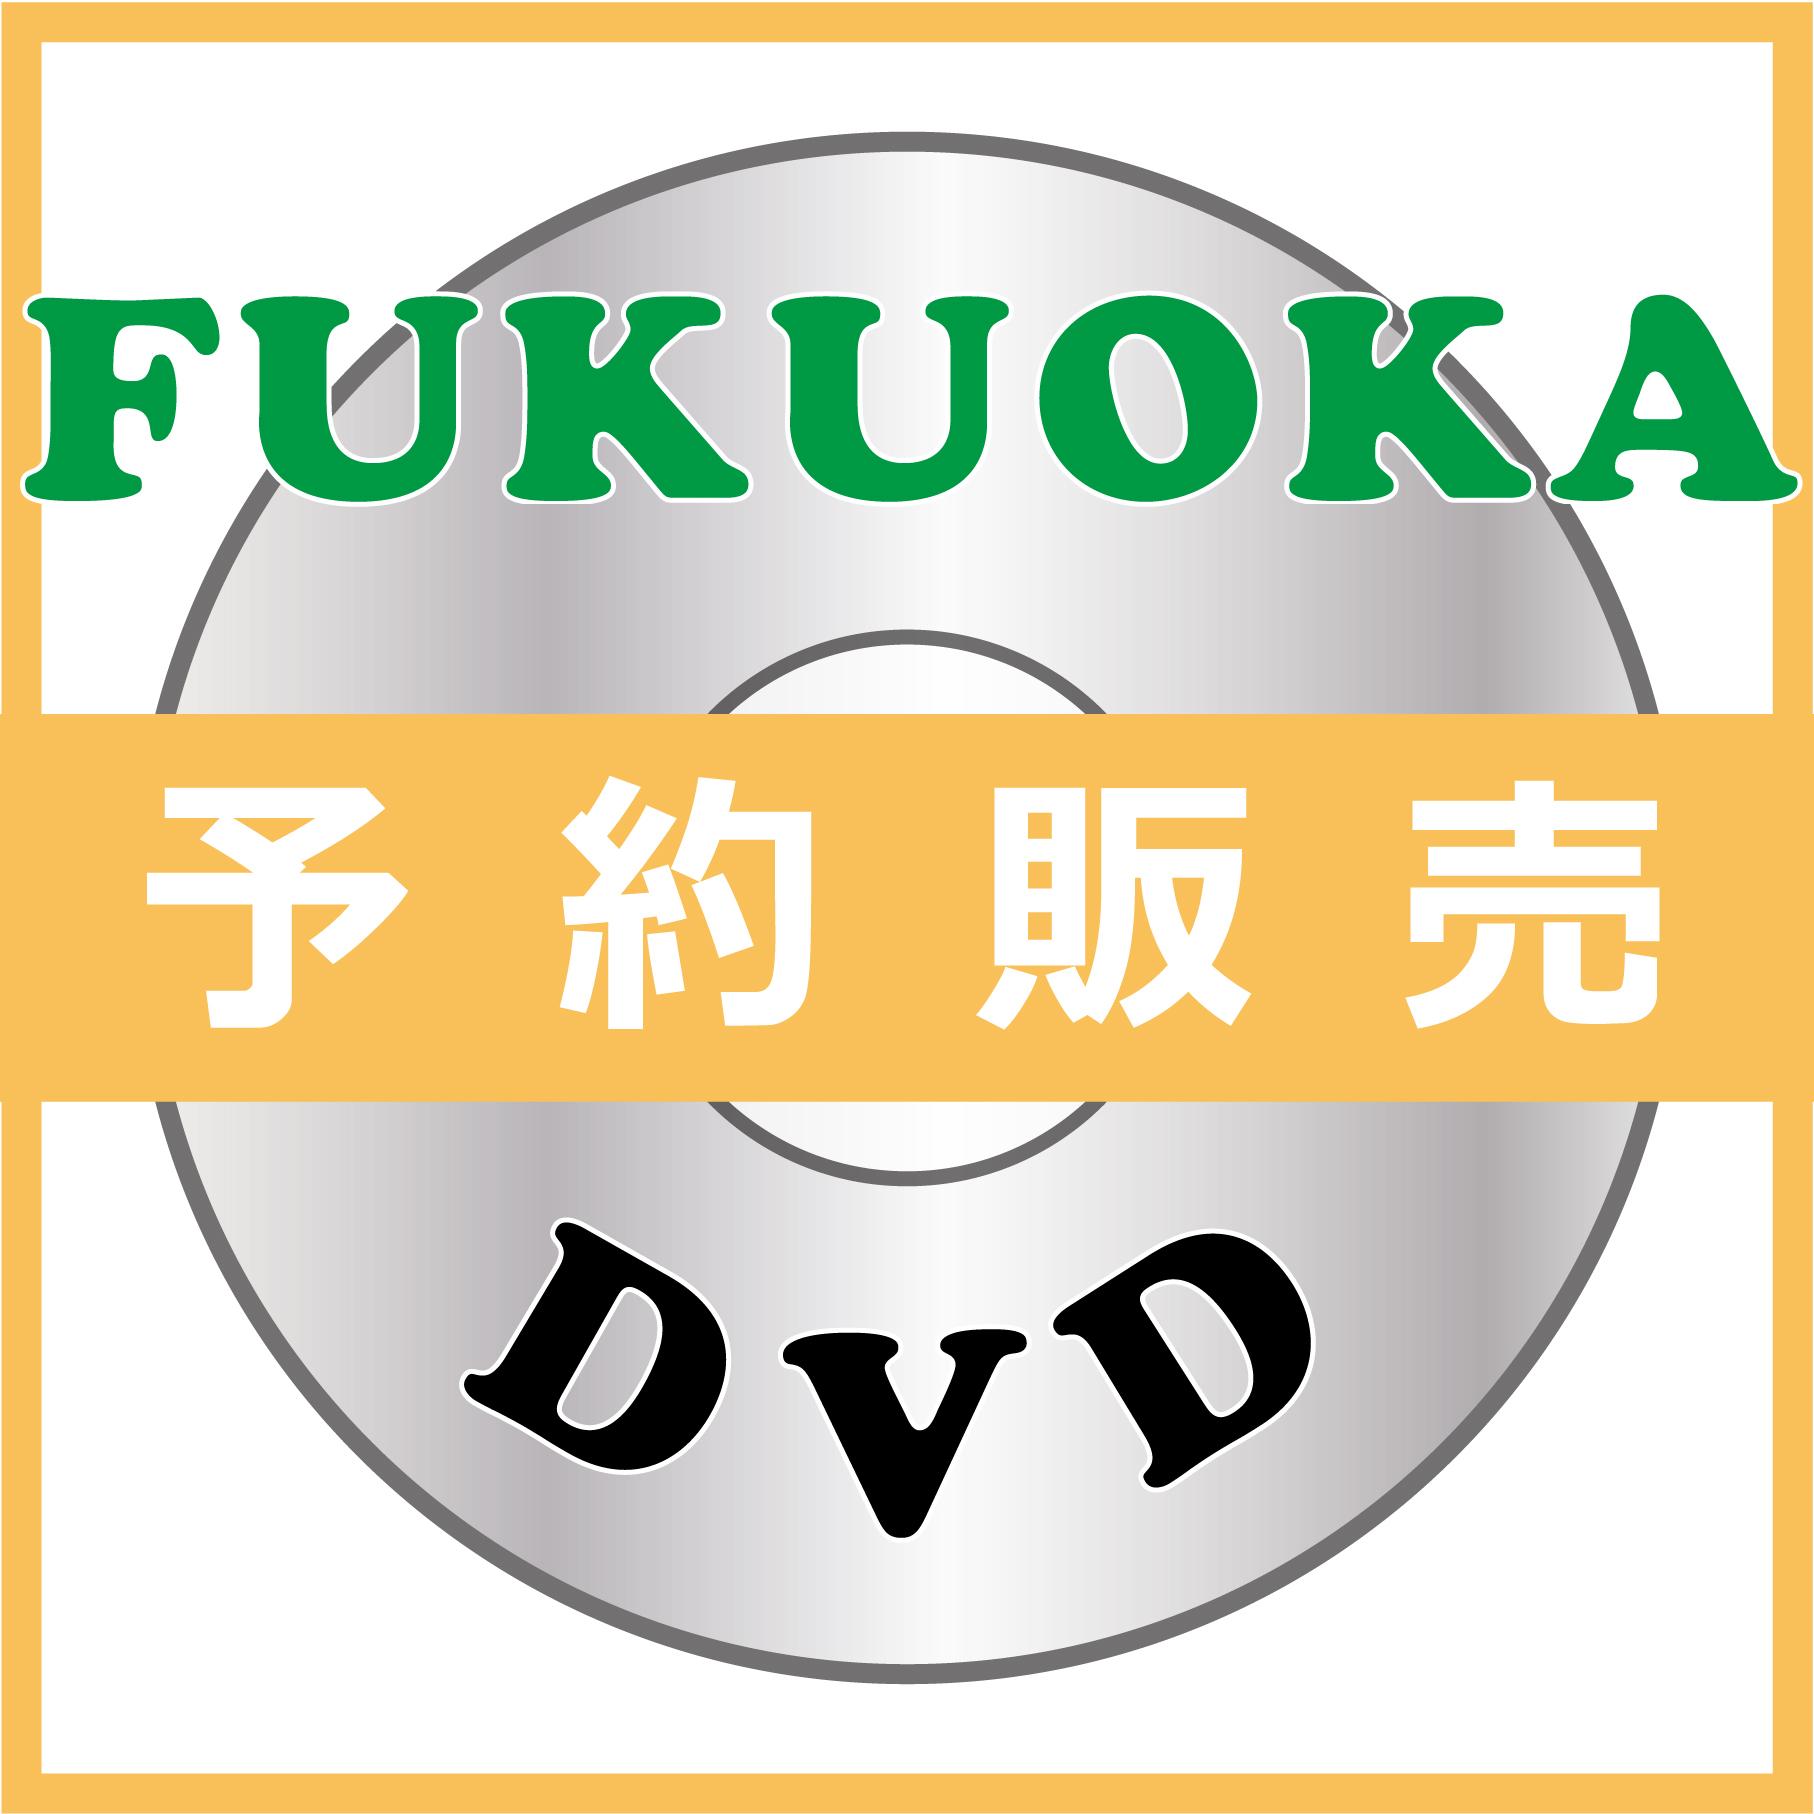 FUK_dyd.jpg